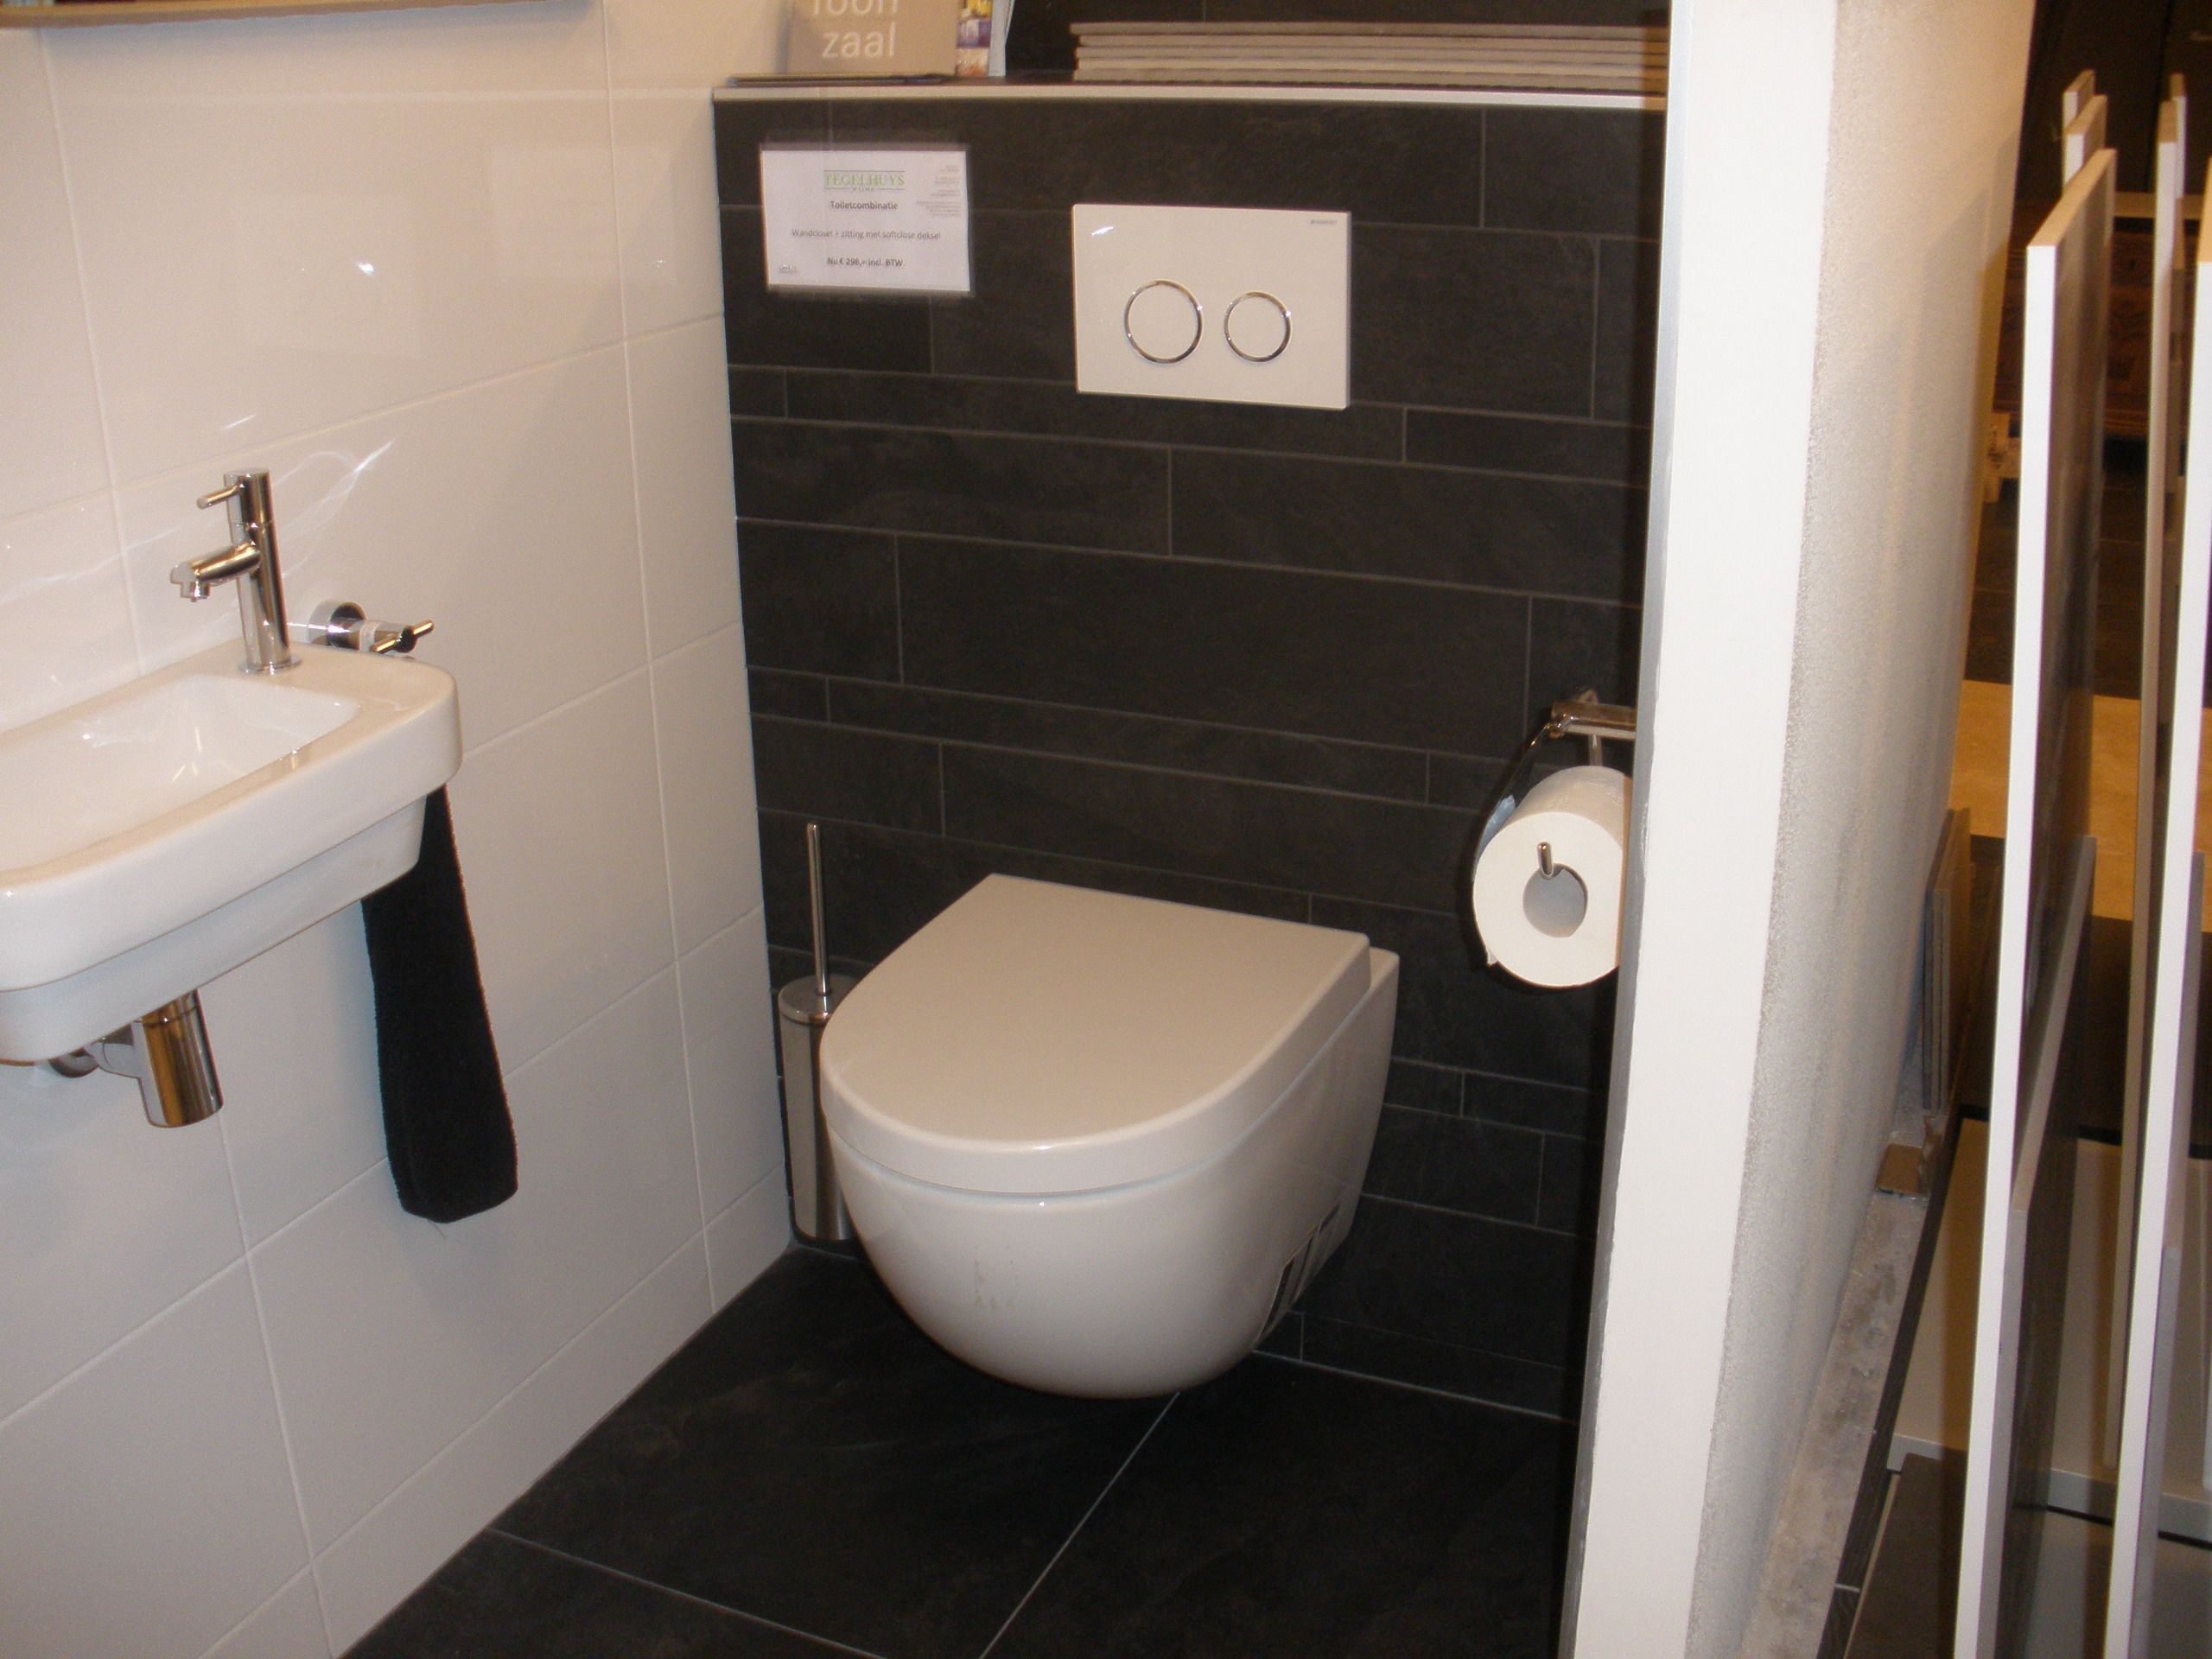 Zwarte stroken op de achterwand van het toilet en